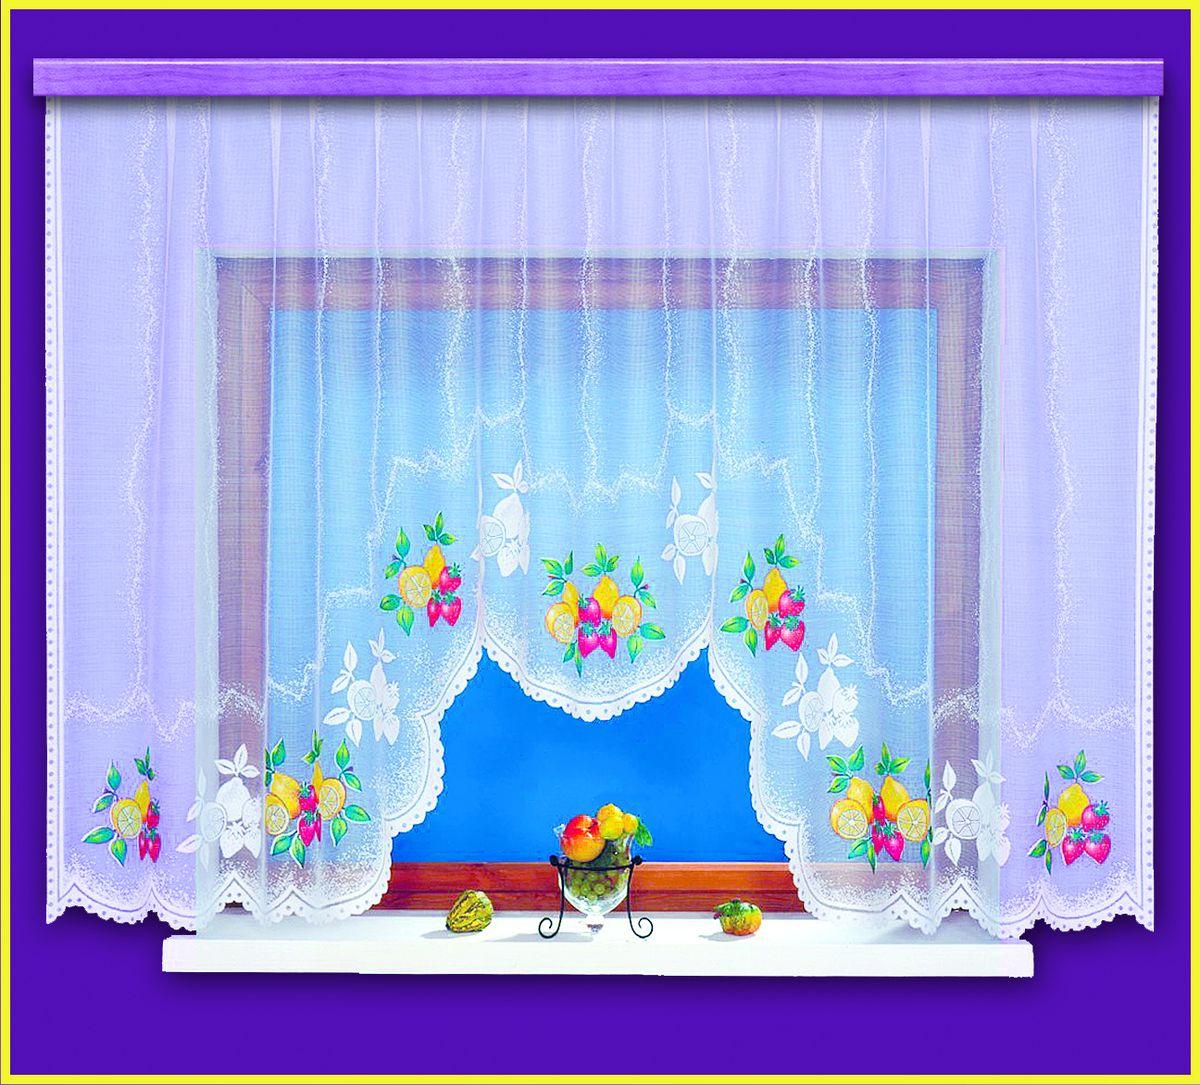 Гардина для кухни Haft Ozdoba Kuchni, цвет: белый, высота 160 см. 99220/16099220/160Воздушная гардина Haft Ozdoba Kuchni, изготовленная из полиэстера белого цвета, станет великолепным украшением любого окна. Оригинальный фруктовый рисунок, украшающий нижний край гардины, и нежная ажурная фактура материала привлекут к себе внимание и органично впишутся в интерьер комнаты. В гардину вшита шторная лента. Размер гардины: 160 см х 300 см. Текстильная компания Haft имеет богатую историю. Основанная в 1878 году в Польше, эта фирма зарекомендовала себя в качестве одного из лидеров текстильной промышленности в Европе. Еще в начале XX века фабрика Haft производила 90% всех текстильных изделий в своей стране, с годами производство расширялось, накопленный опыт позволял наиболее выгодно использовать развивающиеся технологии. Главный ассортимент компании - это тюль и занавески. Haft предлагает готовые решения для ваших окон, выпуская готовые наборы штор, которые остается только распаковать и повесить. Модельный ряд отличает оригинальный дизайн, высокое...